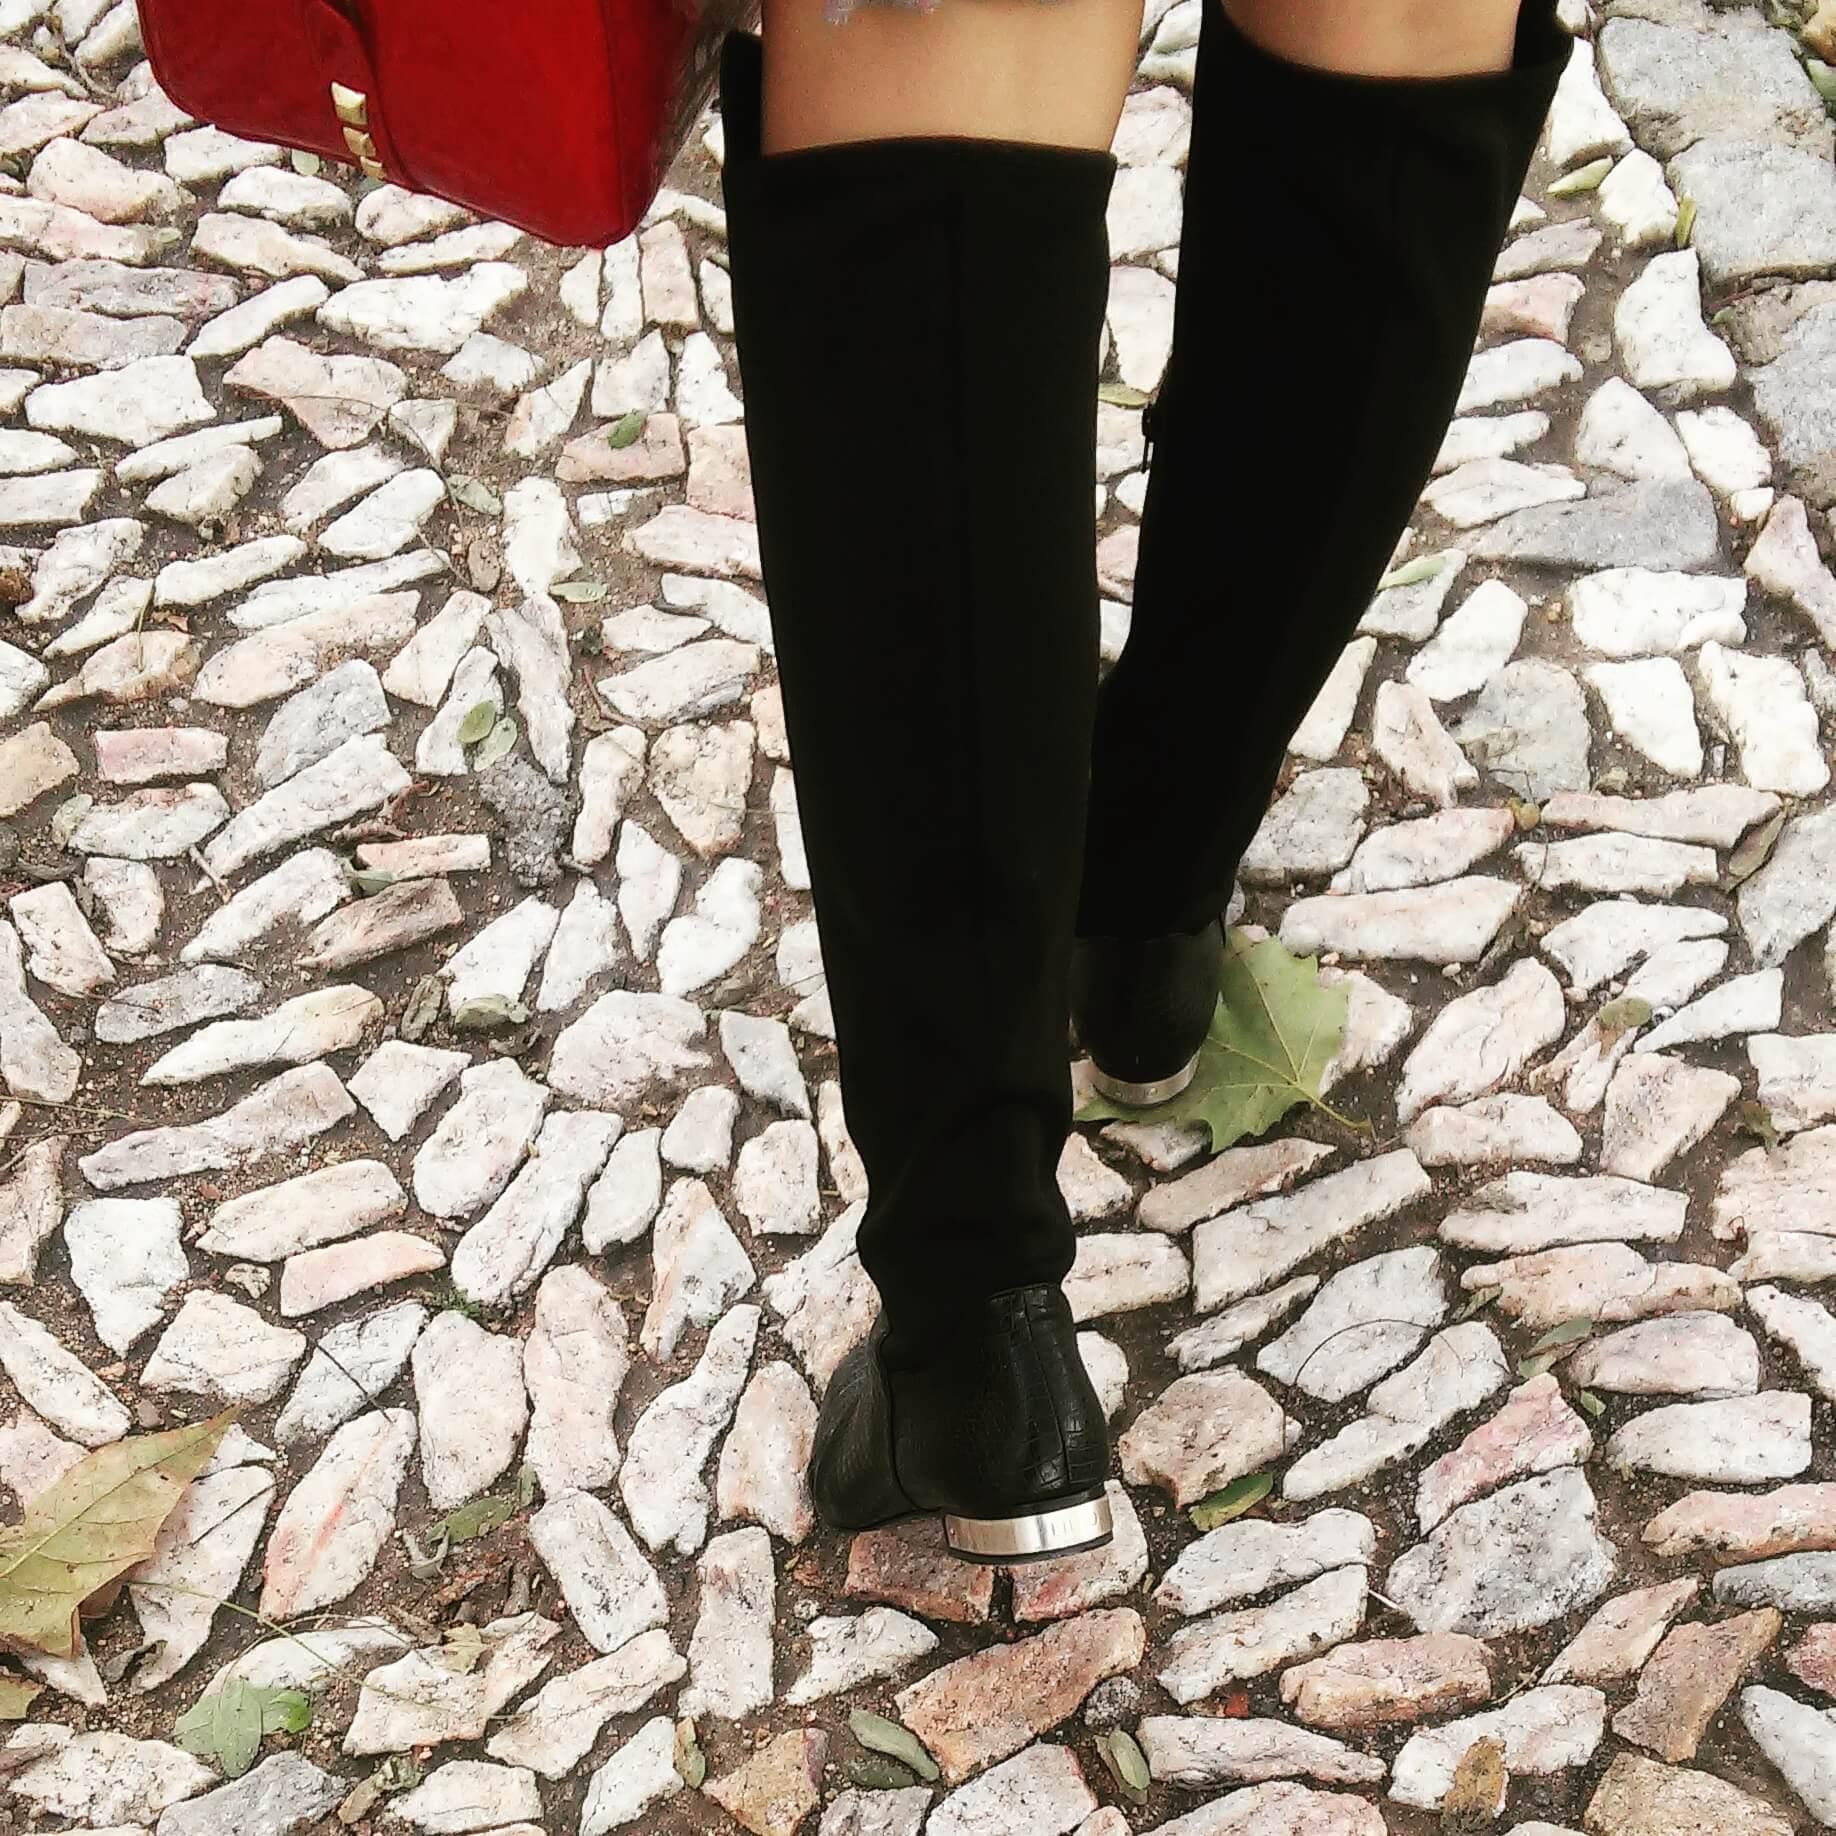 Caminando por las calles empedradas de Elvas